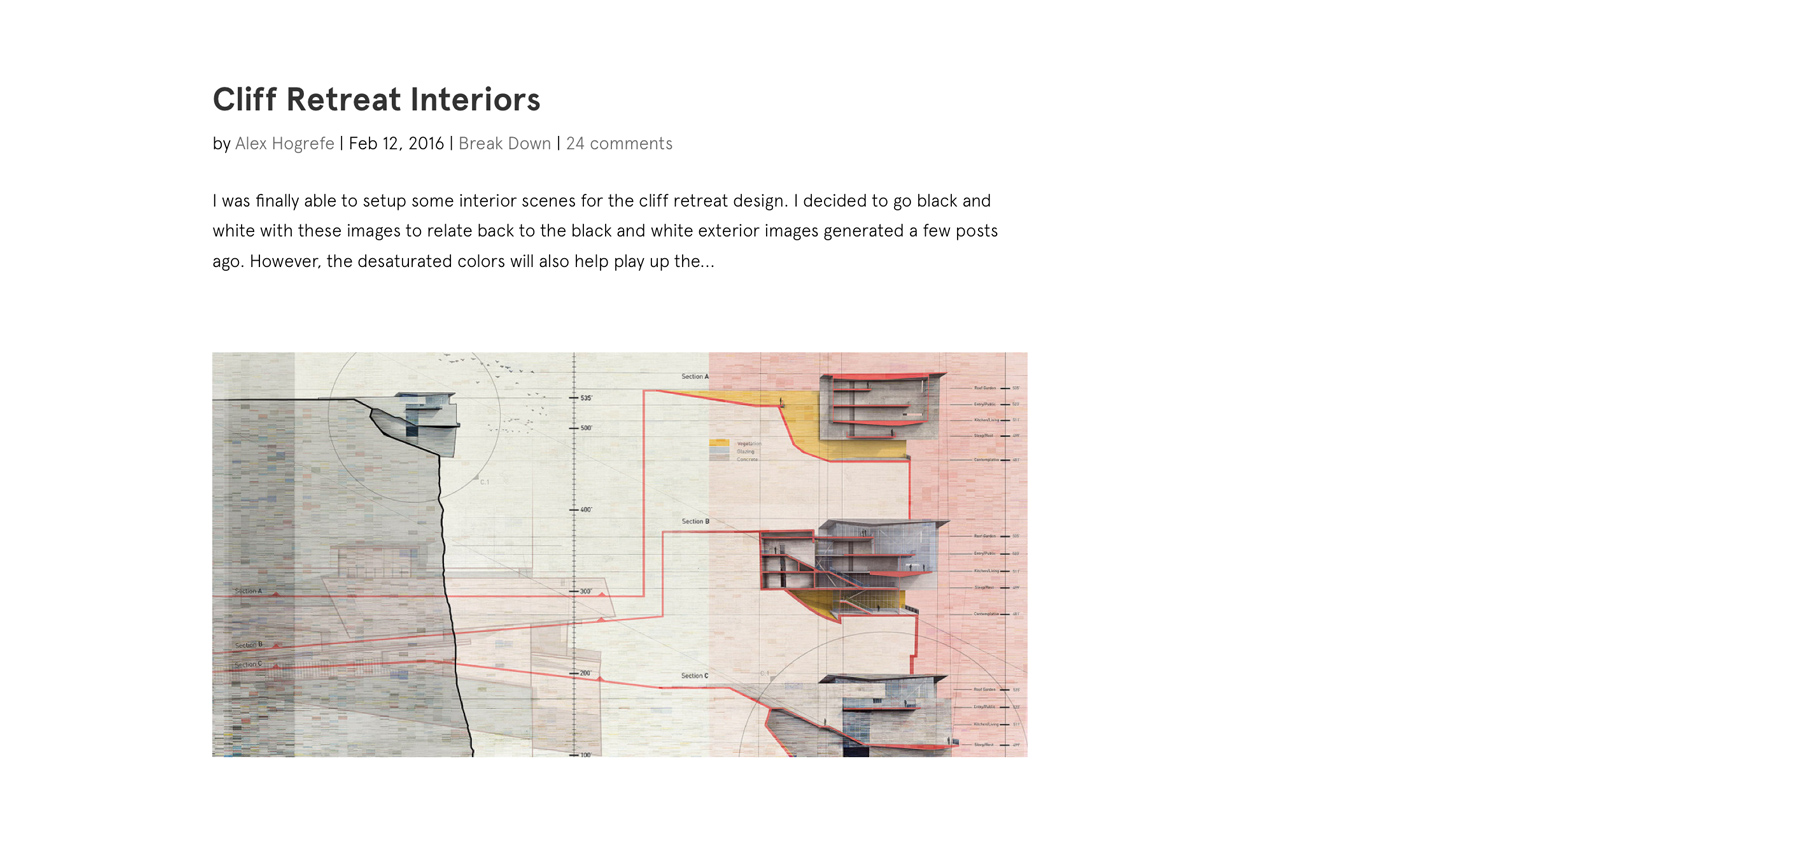 Visualizing Architecture